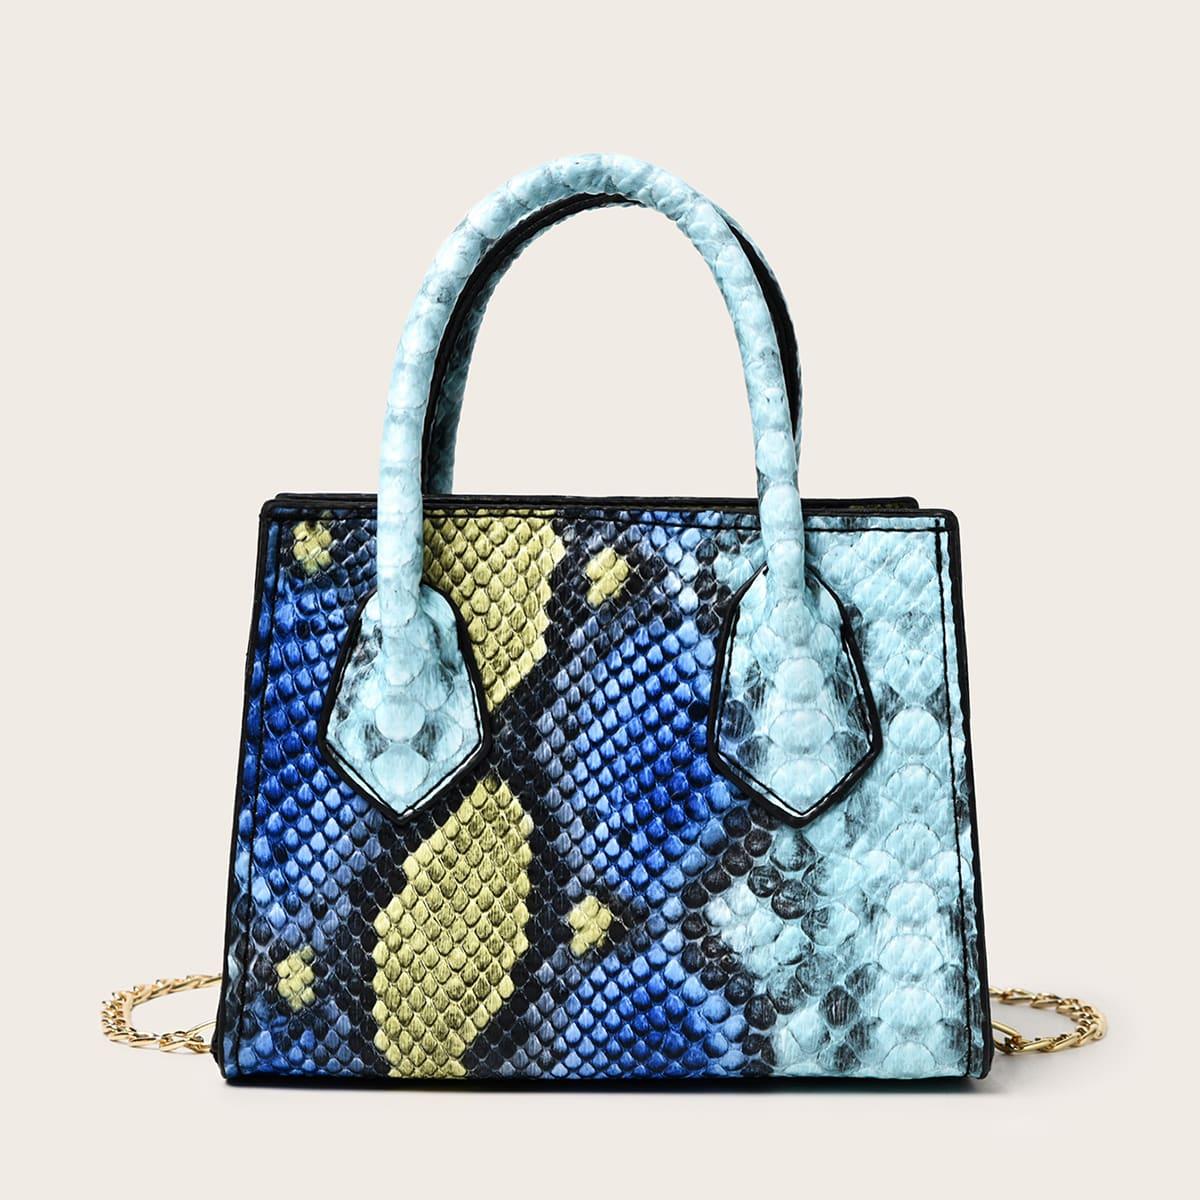 Миниатюрная сумка-сэтчел с змеиным рисунком